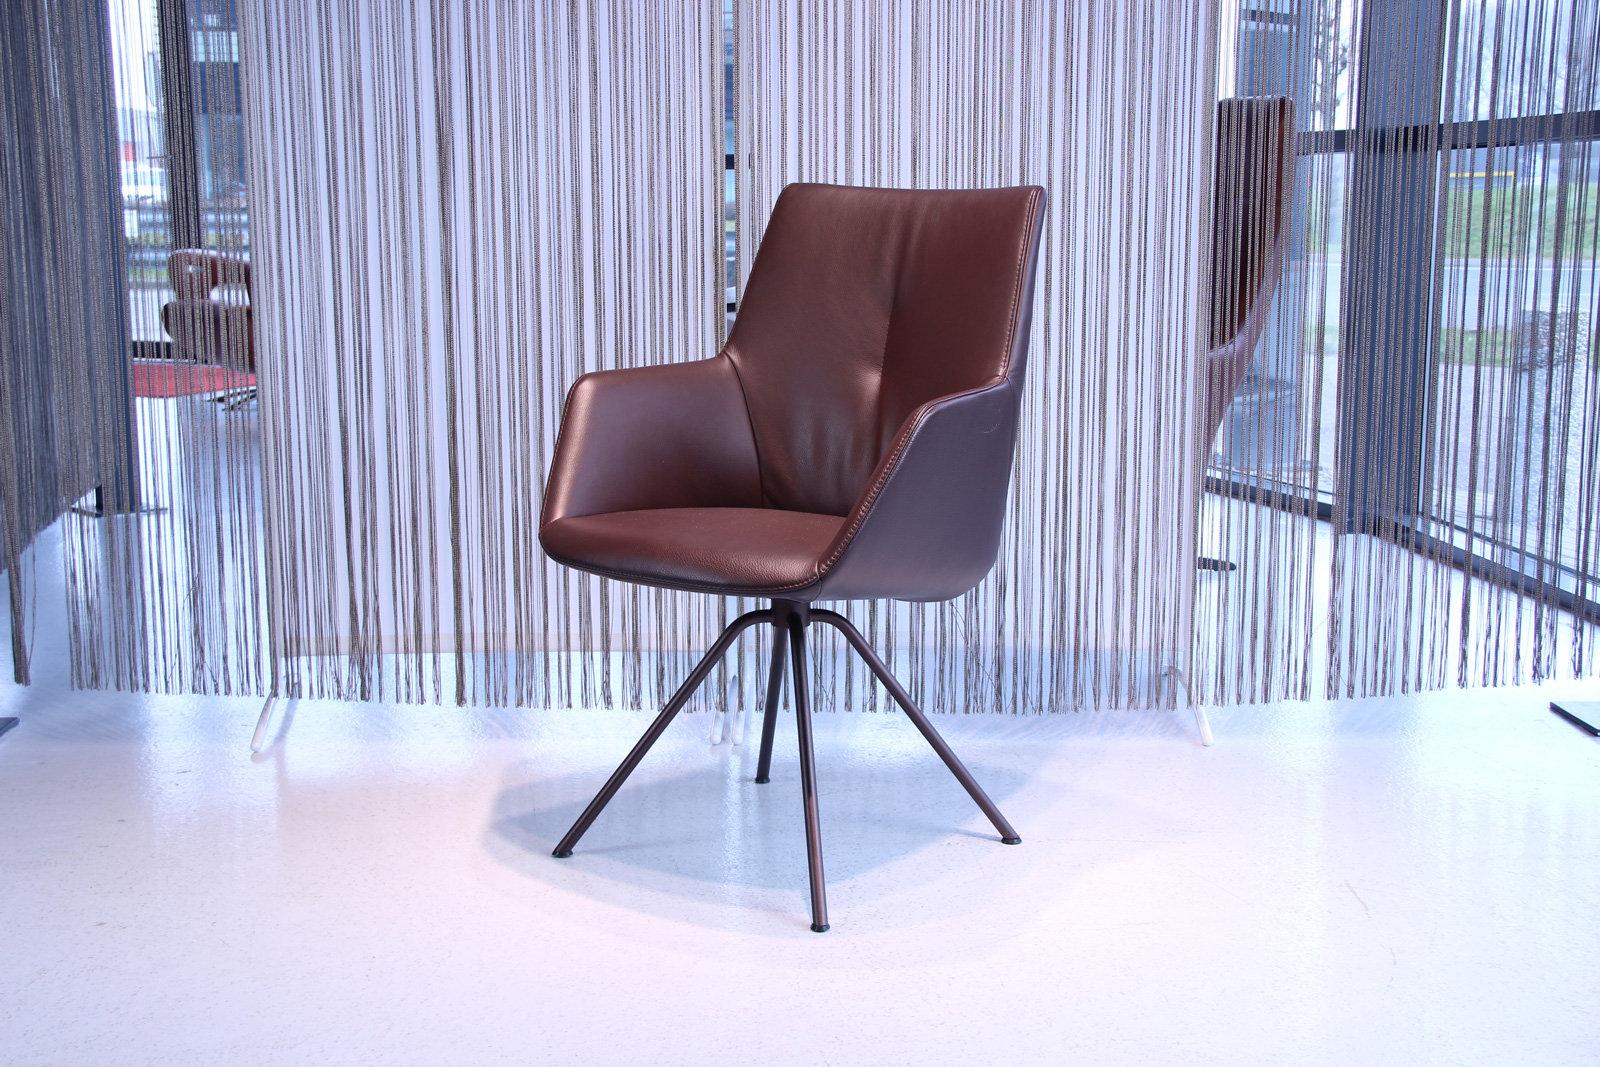 img198-gealux-eetkamerstoel-design-florence-draai-leder-bruin-1.jpg